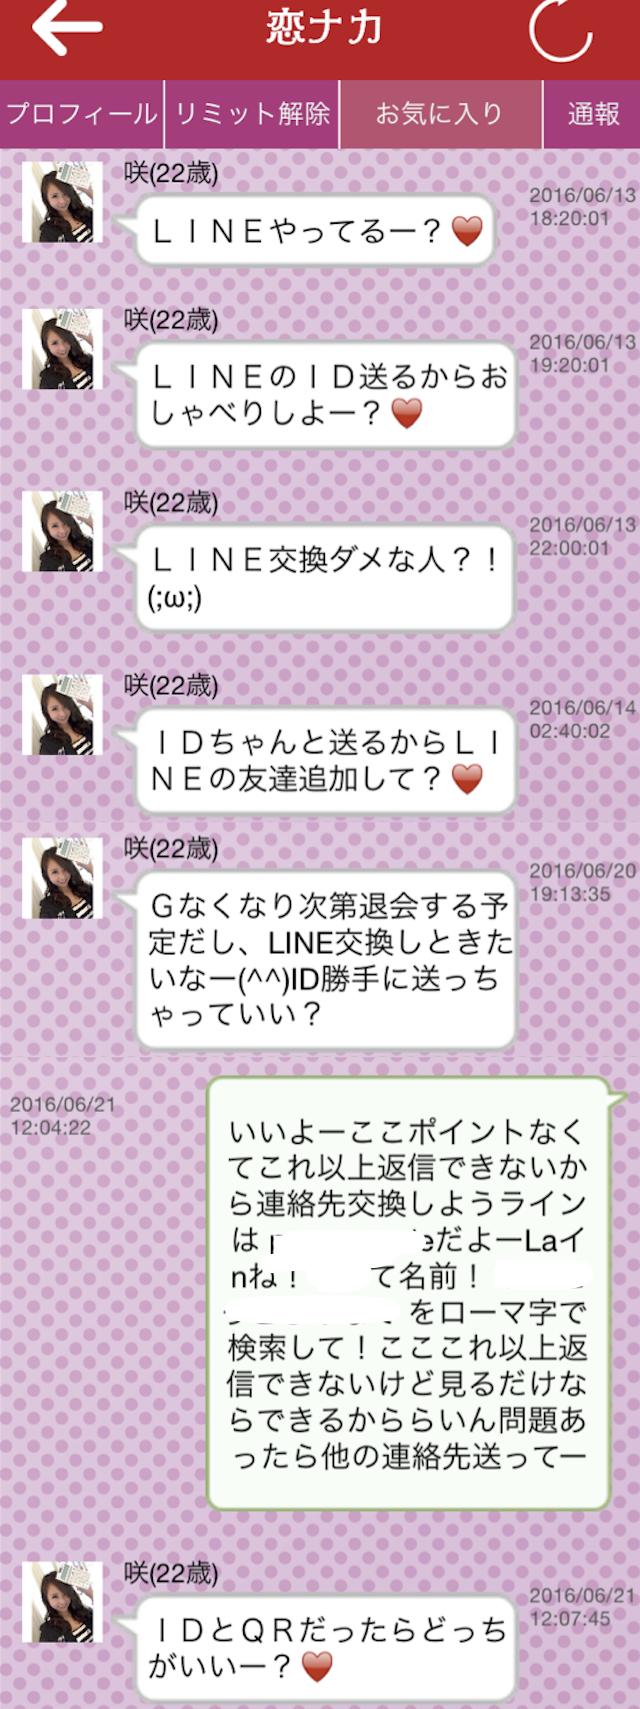 恋ナカ_アプリ3